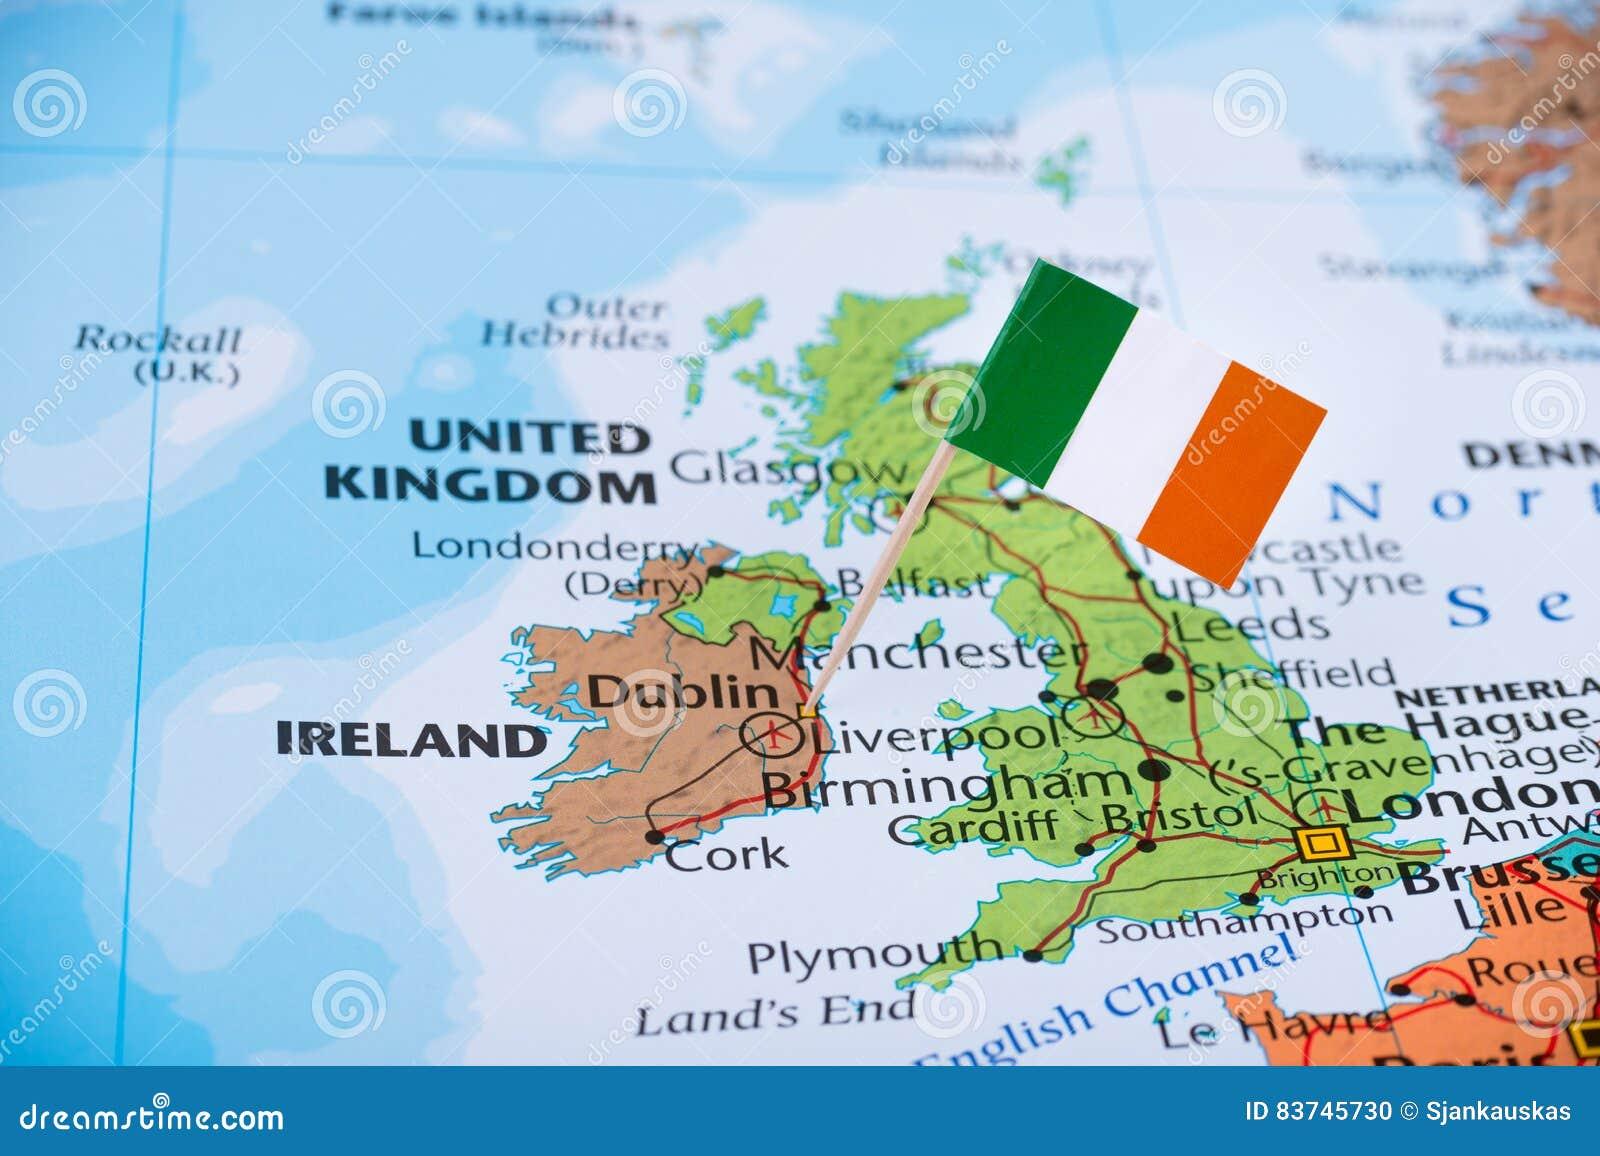 Irland Karte.Irland Karte Reise Auswanderungskonzeptbild Stockfoto